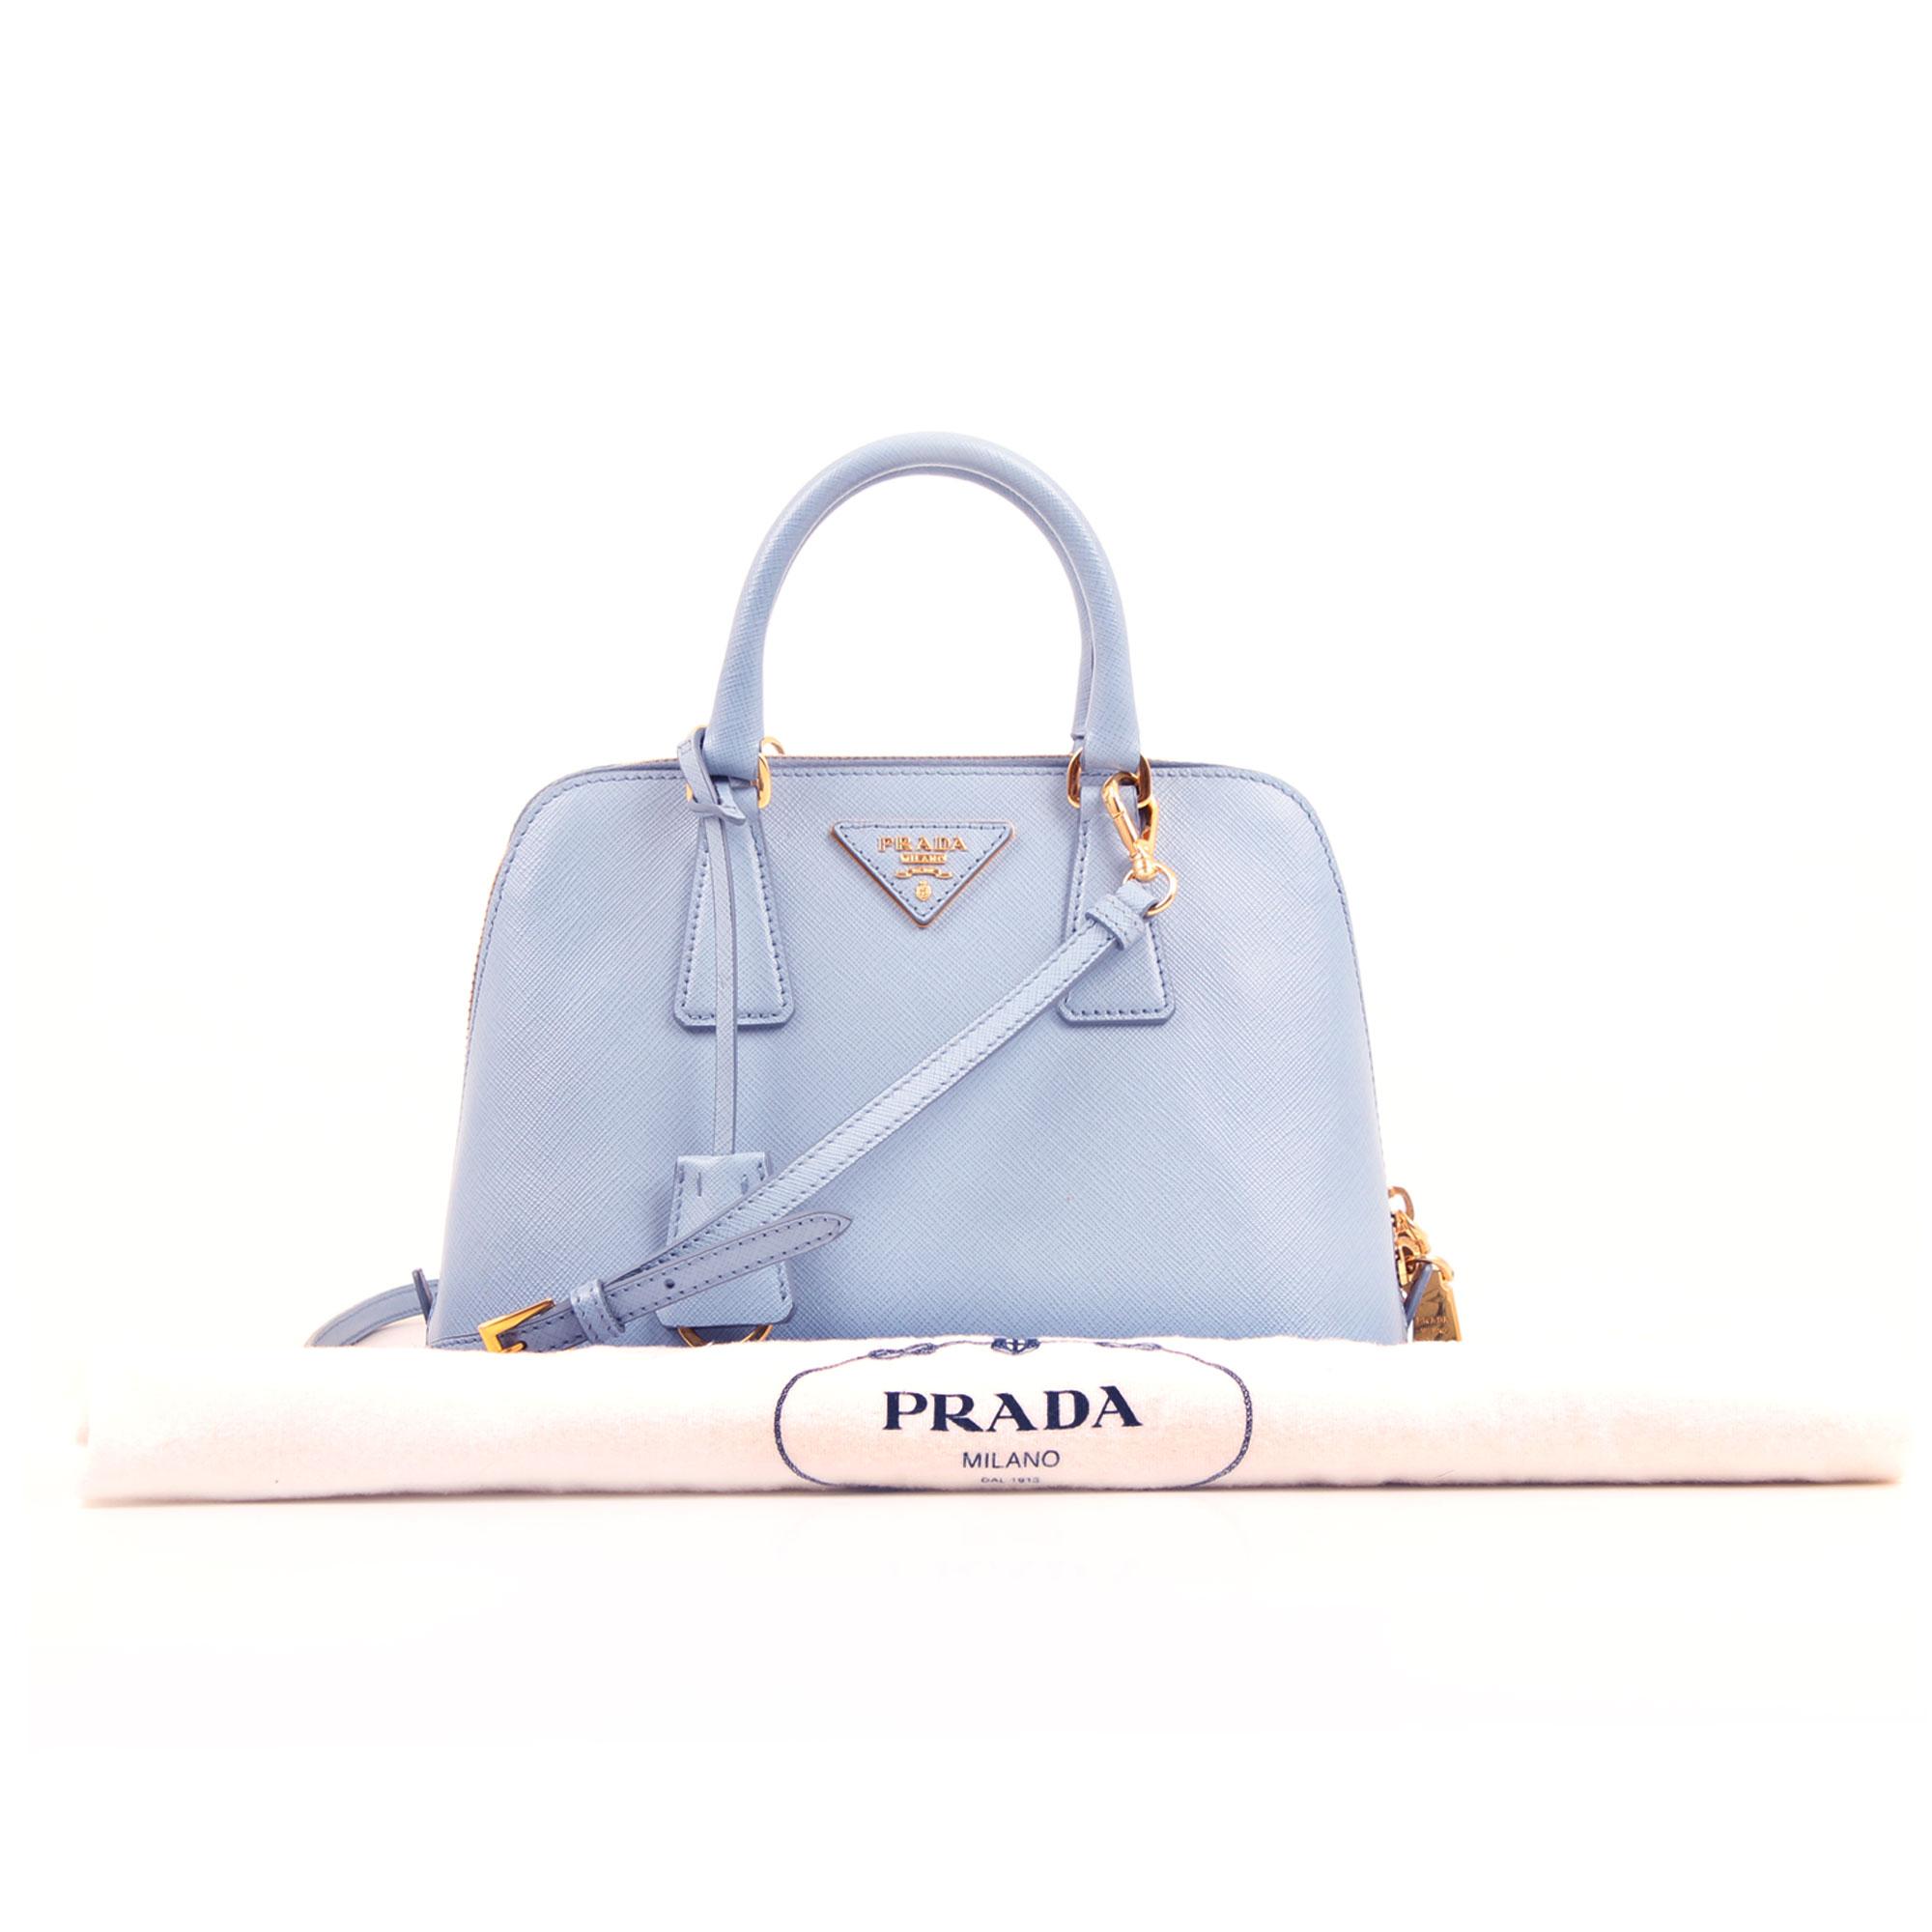 Imagen del dustbag del bolso prada small promenade saffiano azul